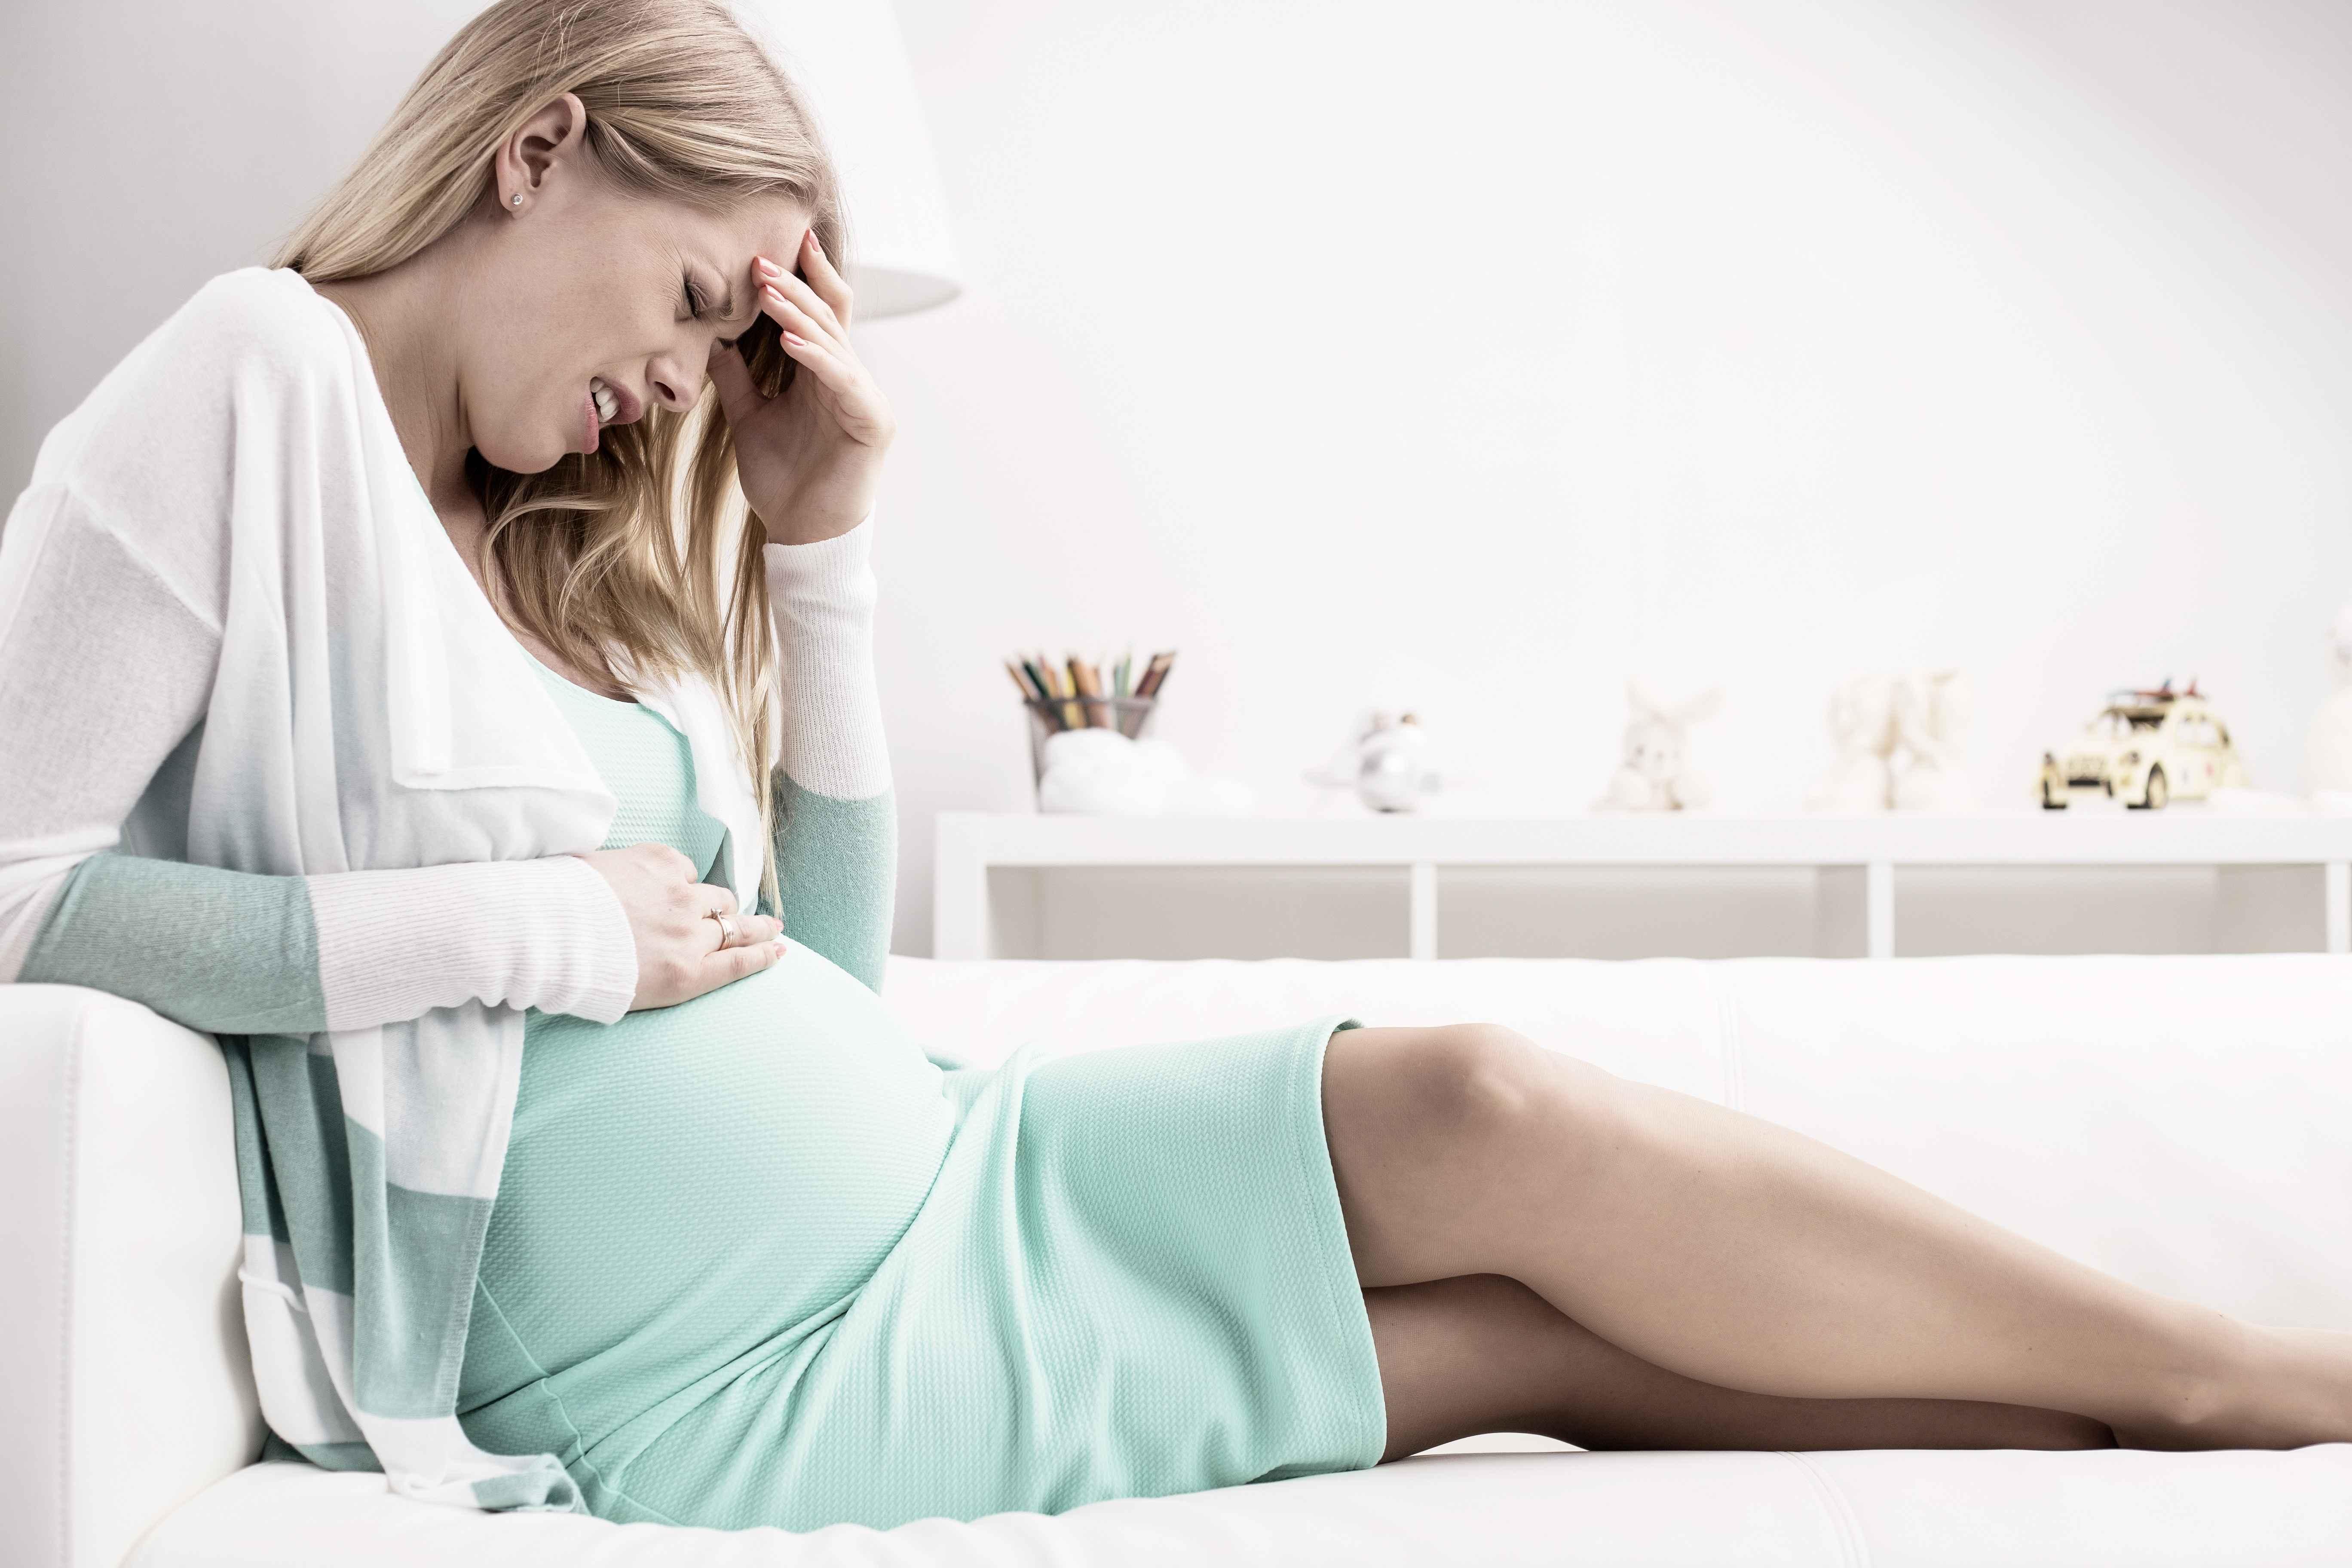 孕期小心胎盘老化,这3类准妈妈悠着点!